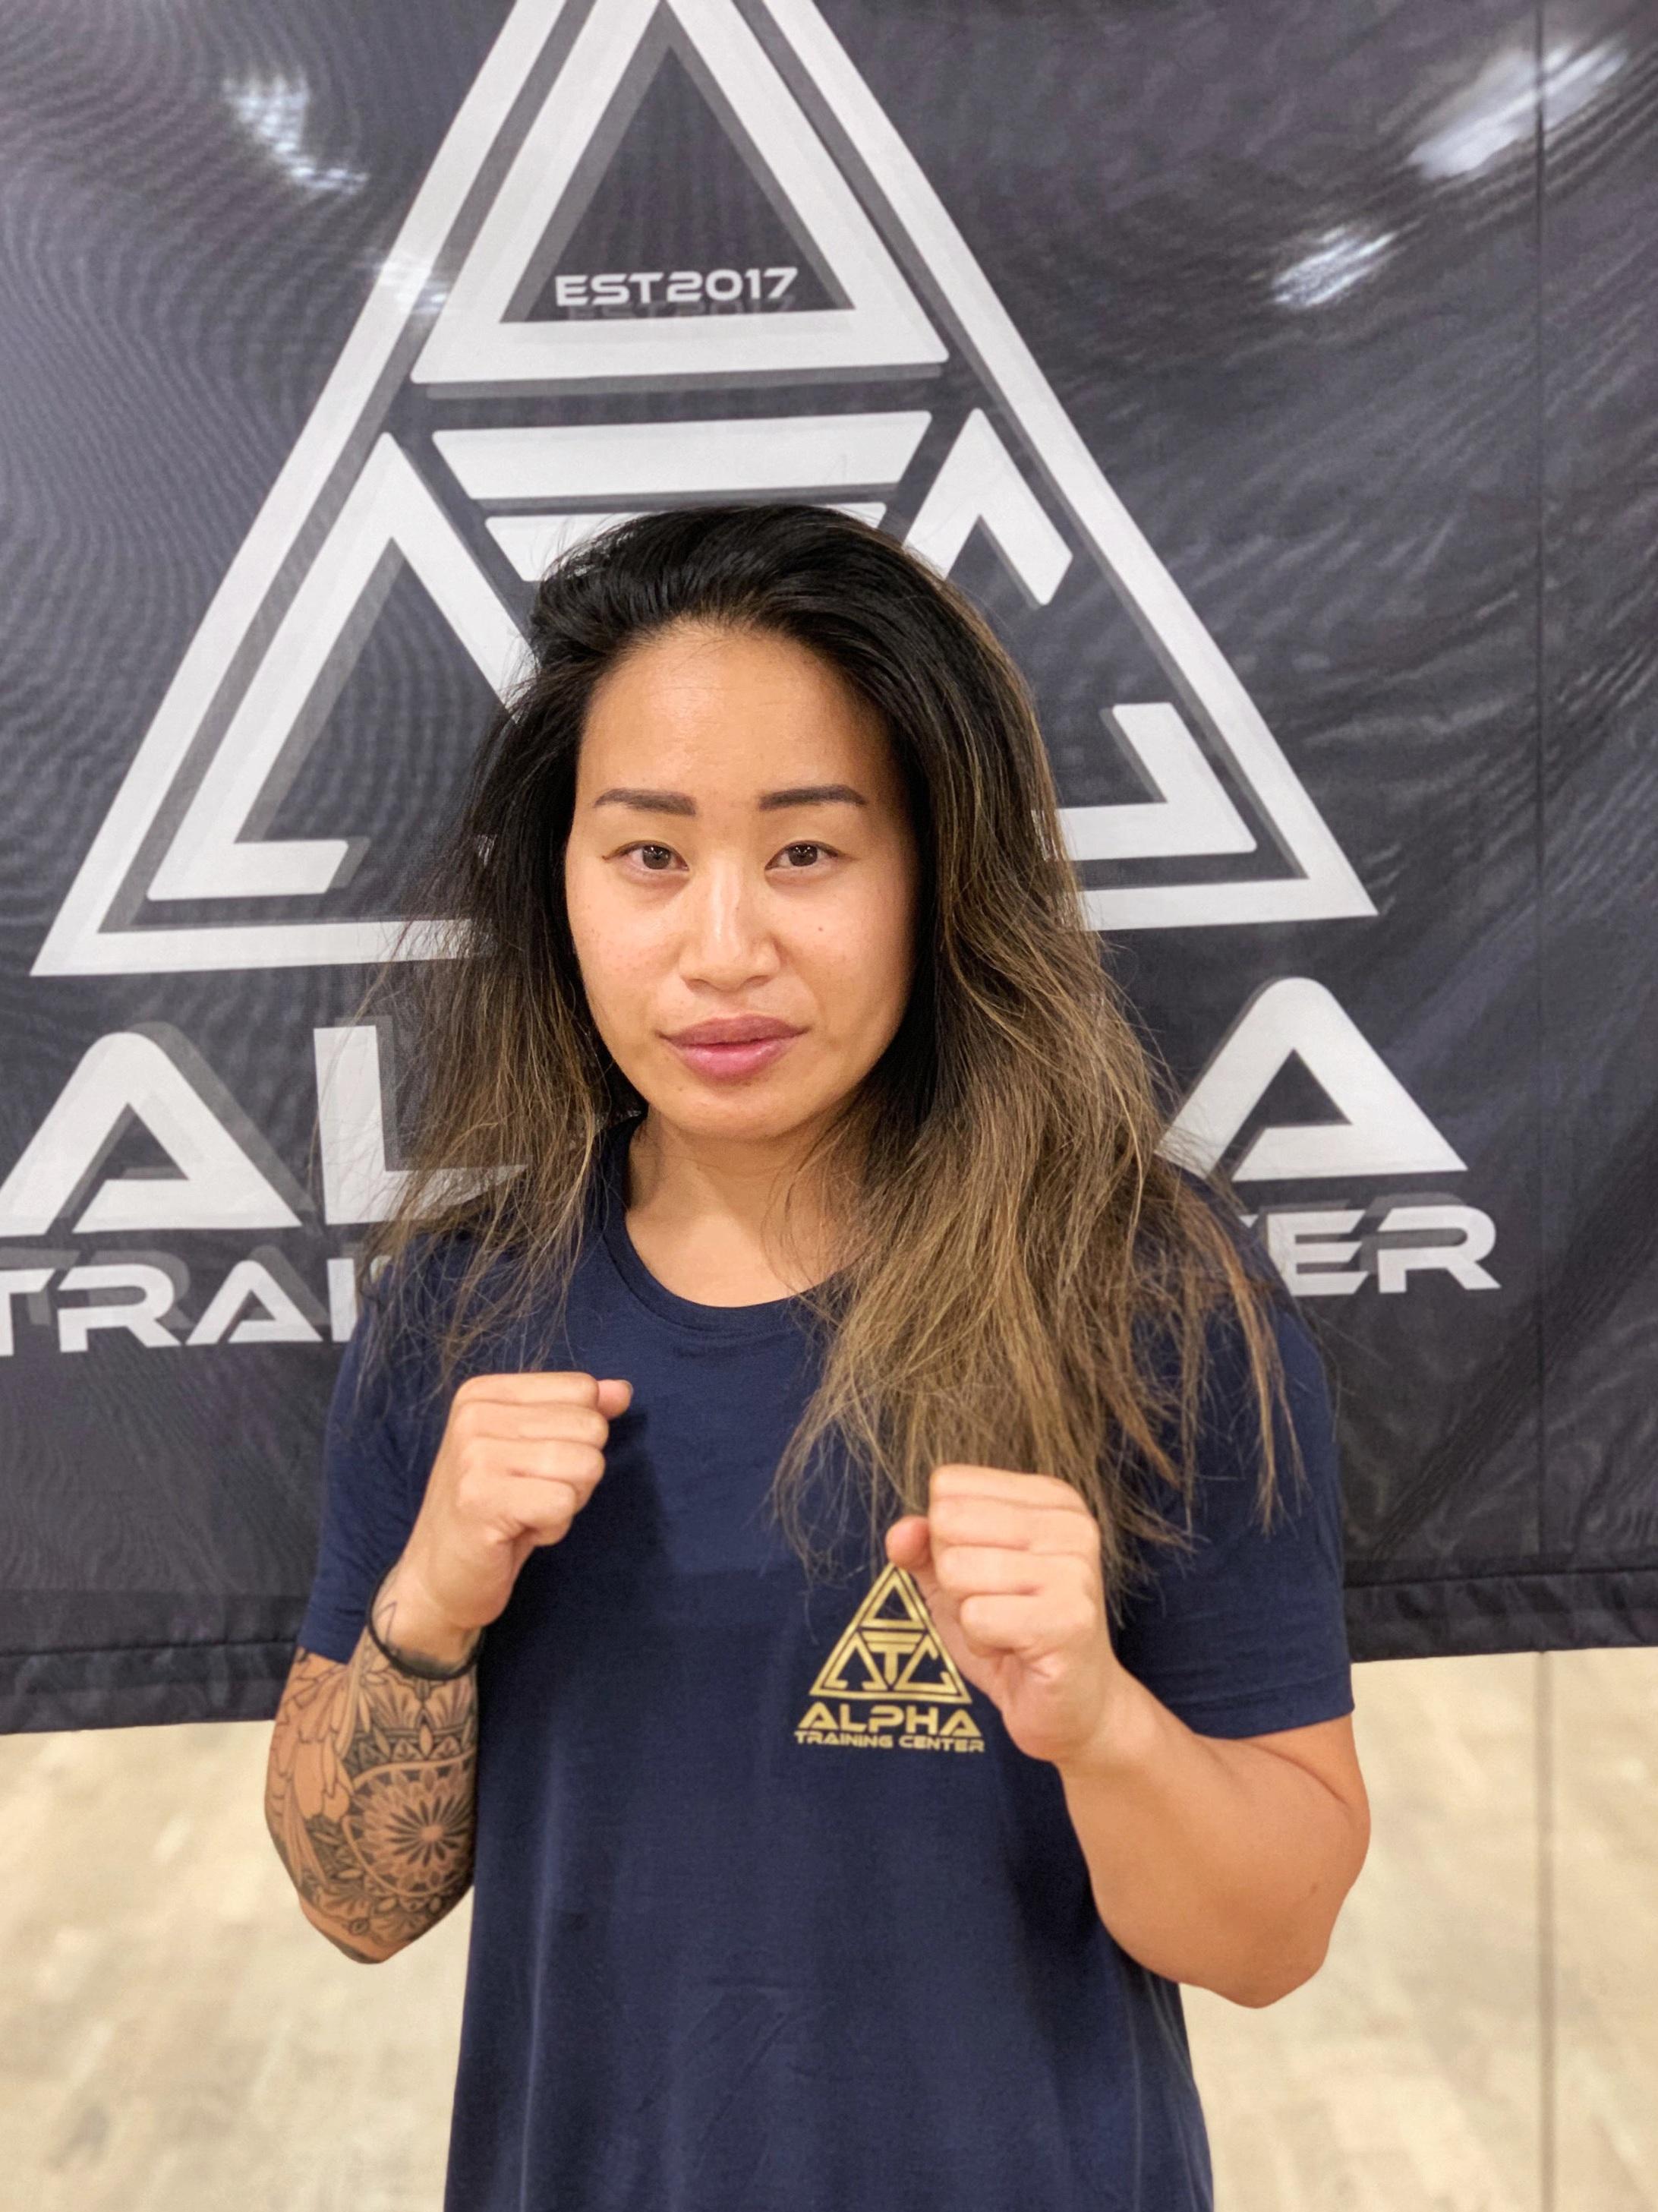 Coach Adela Alpha traning center